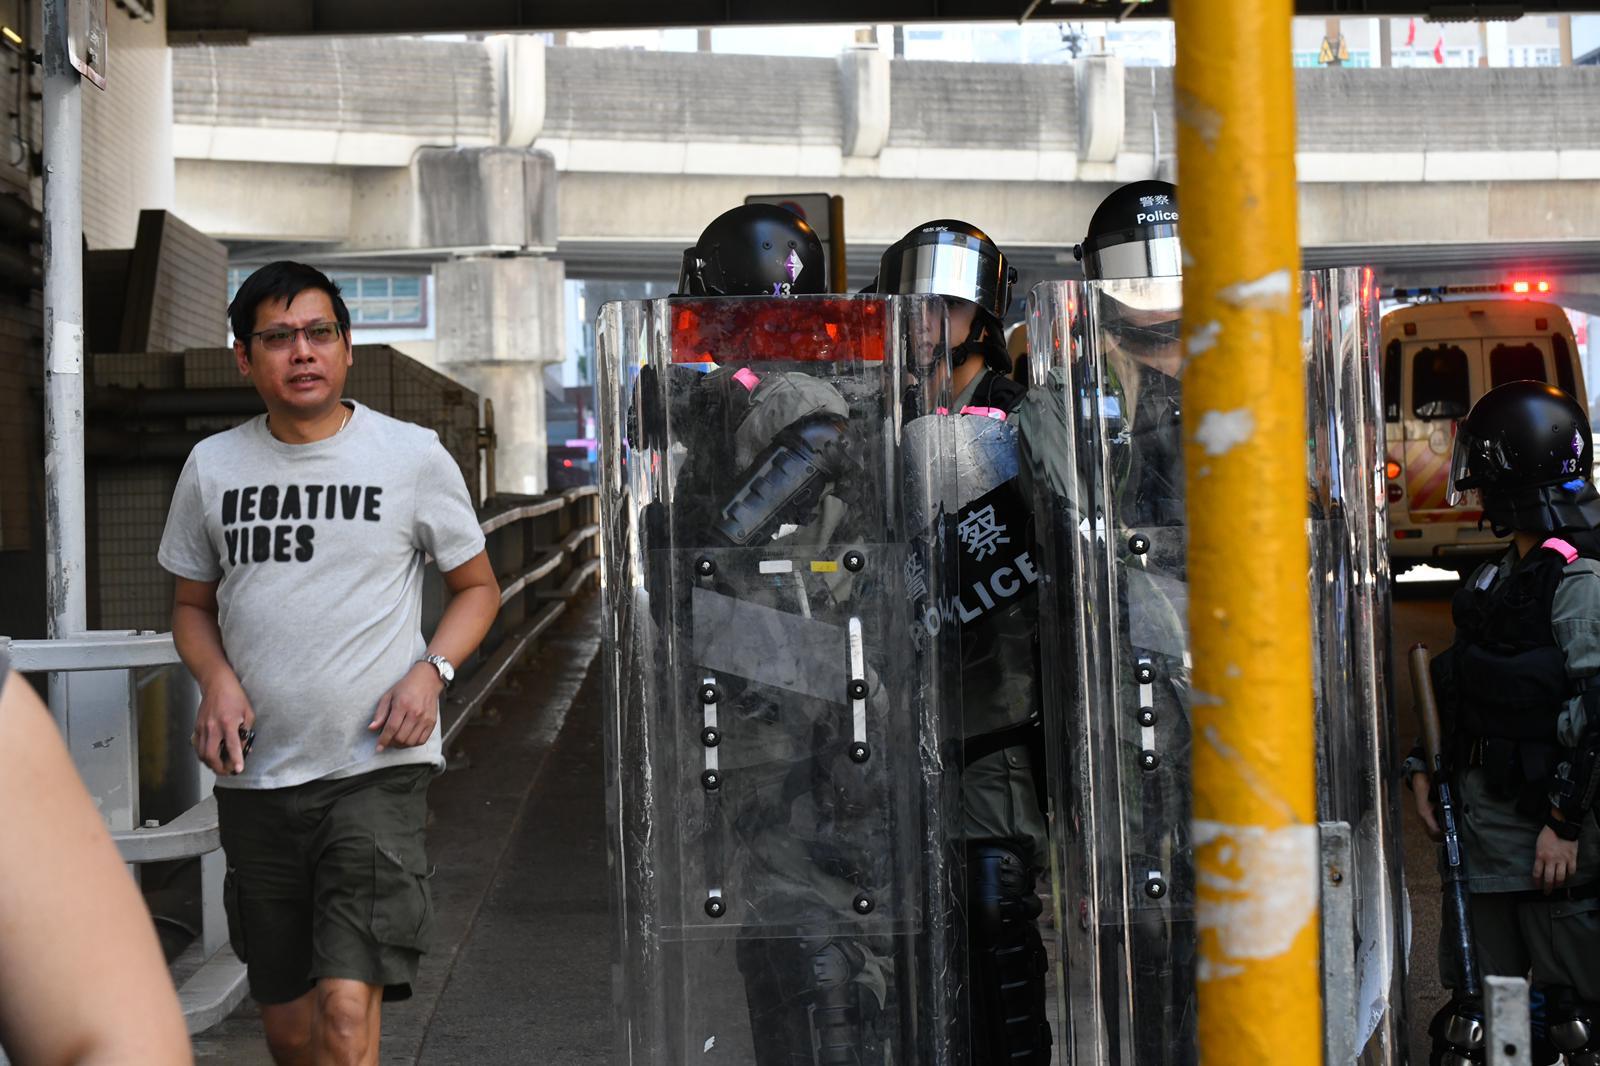 西鐵站外防暴警察戒備